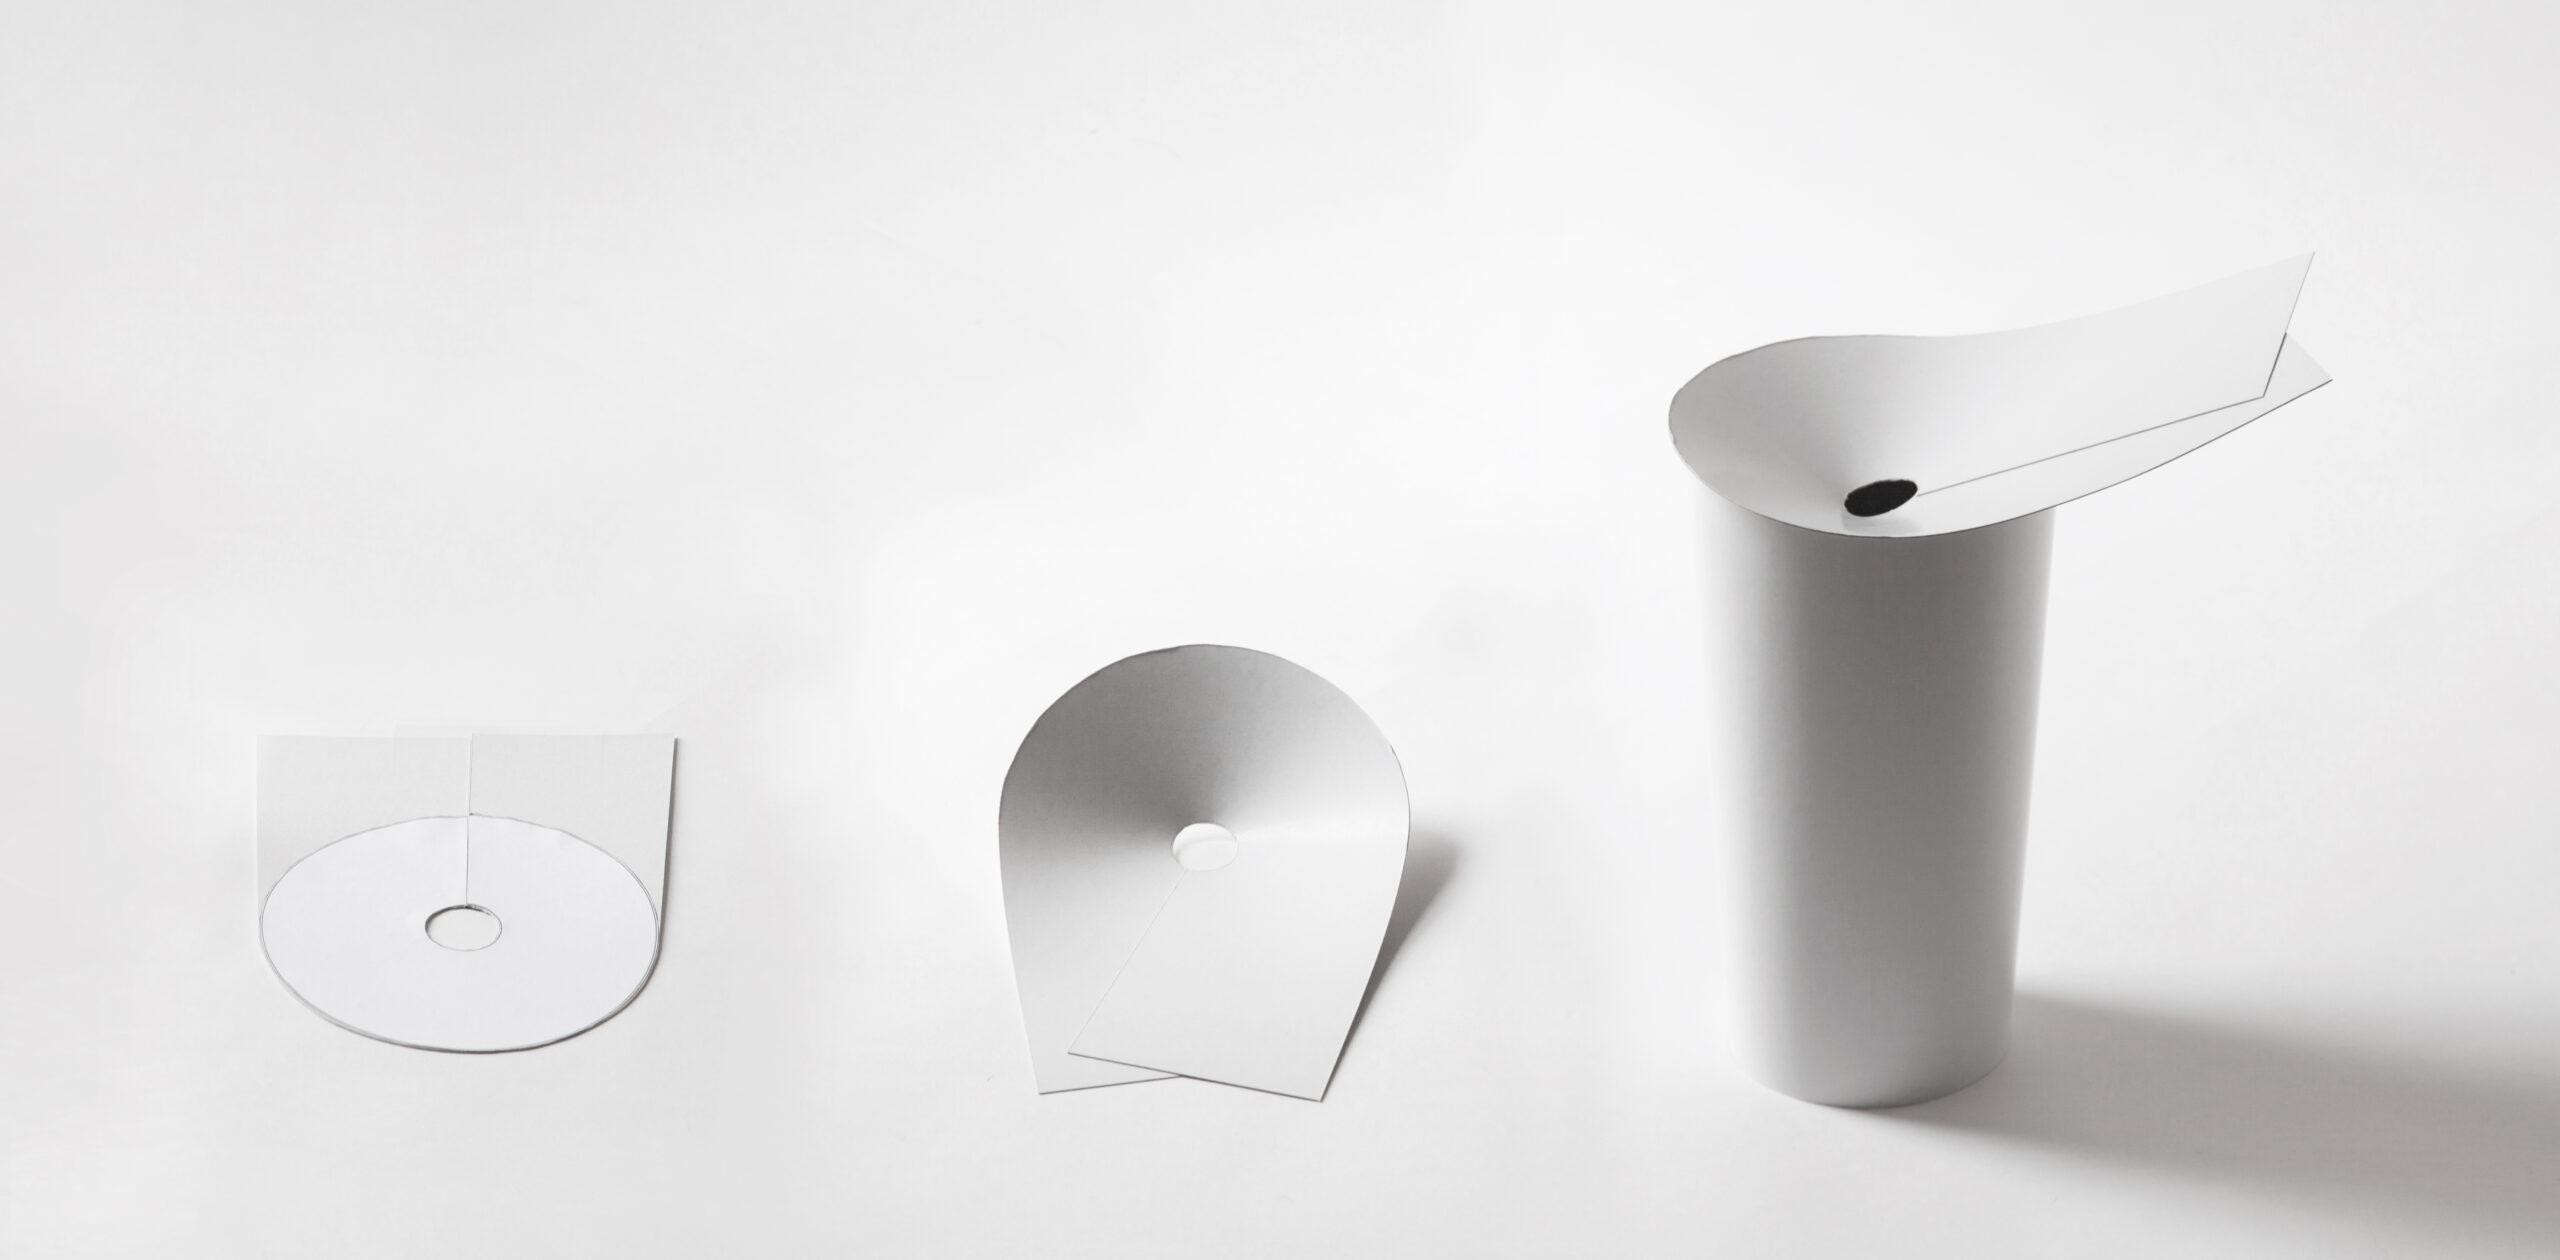 Paper model of the Ala washbasin by Debiasi Sandri for Toscoquattro